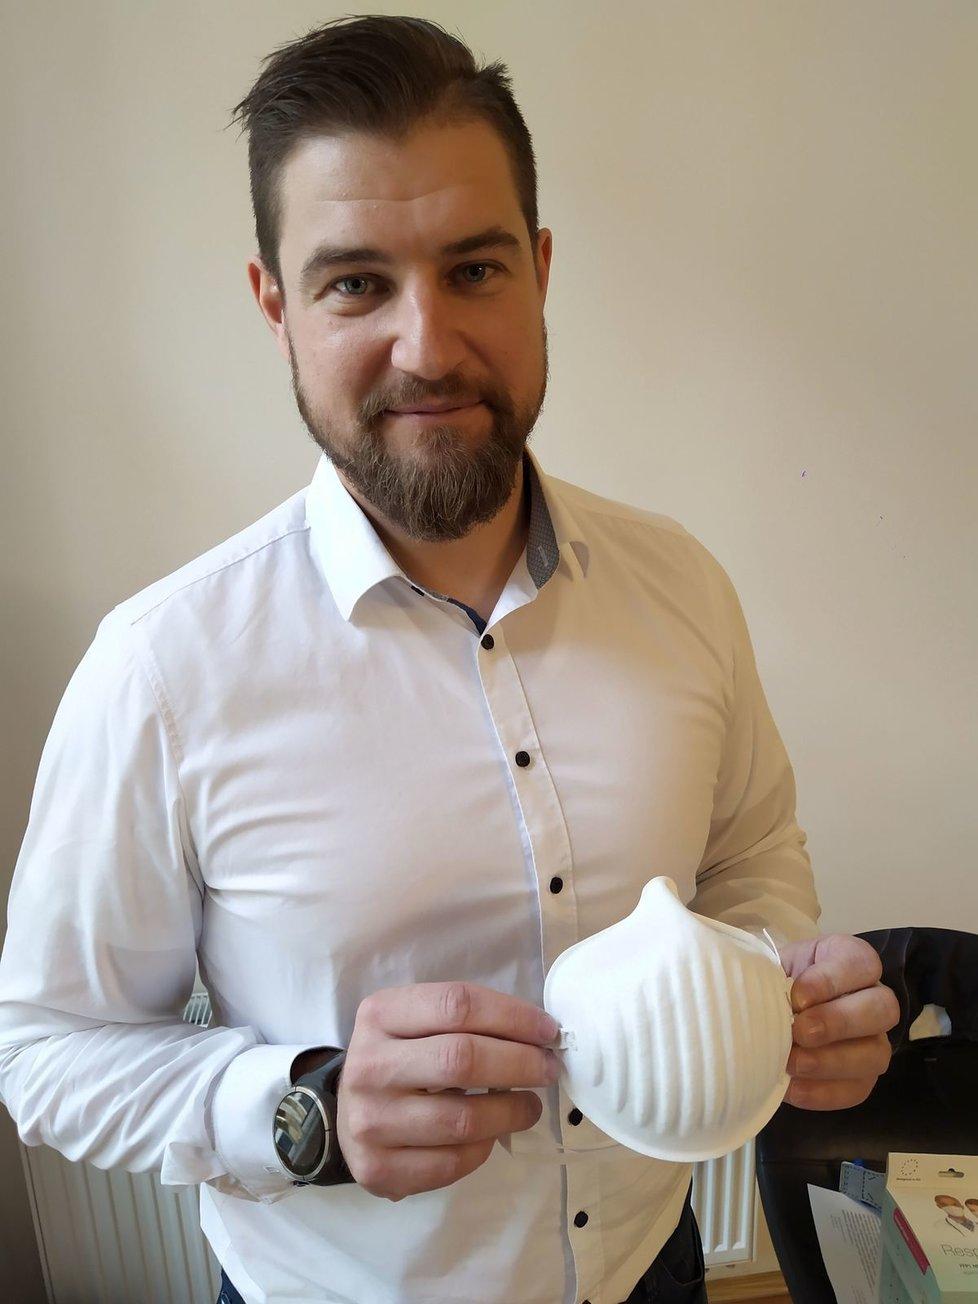 Šéf firmy Respilon Roman Zima s respirátorem, o který je kvůli koronaviru obrovský zájem.